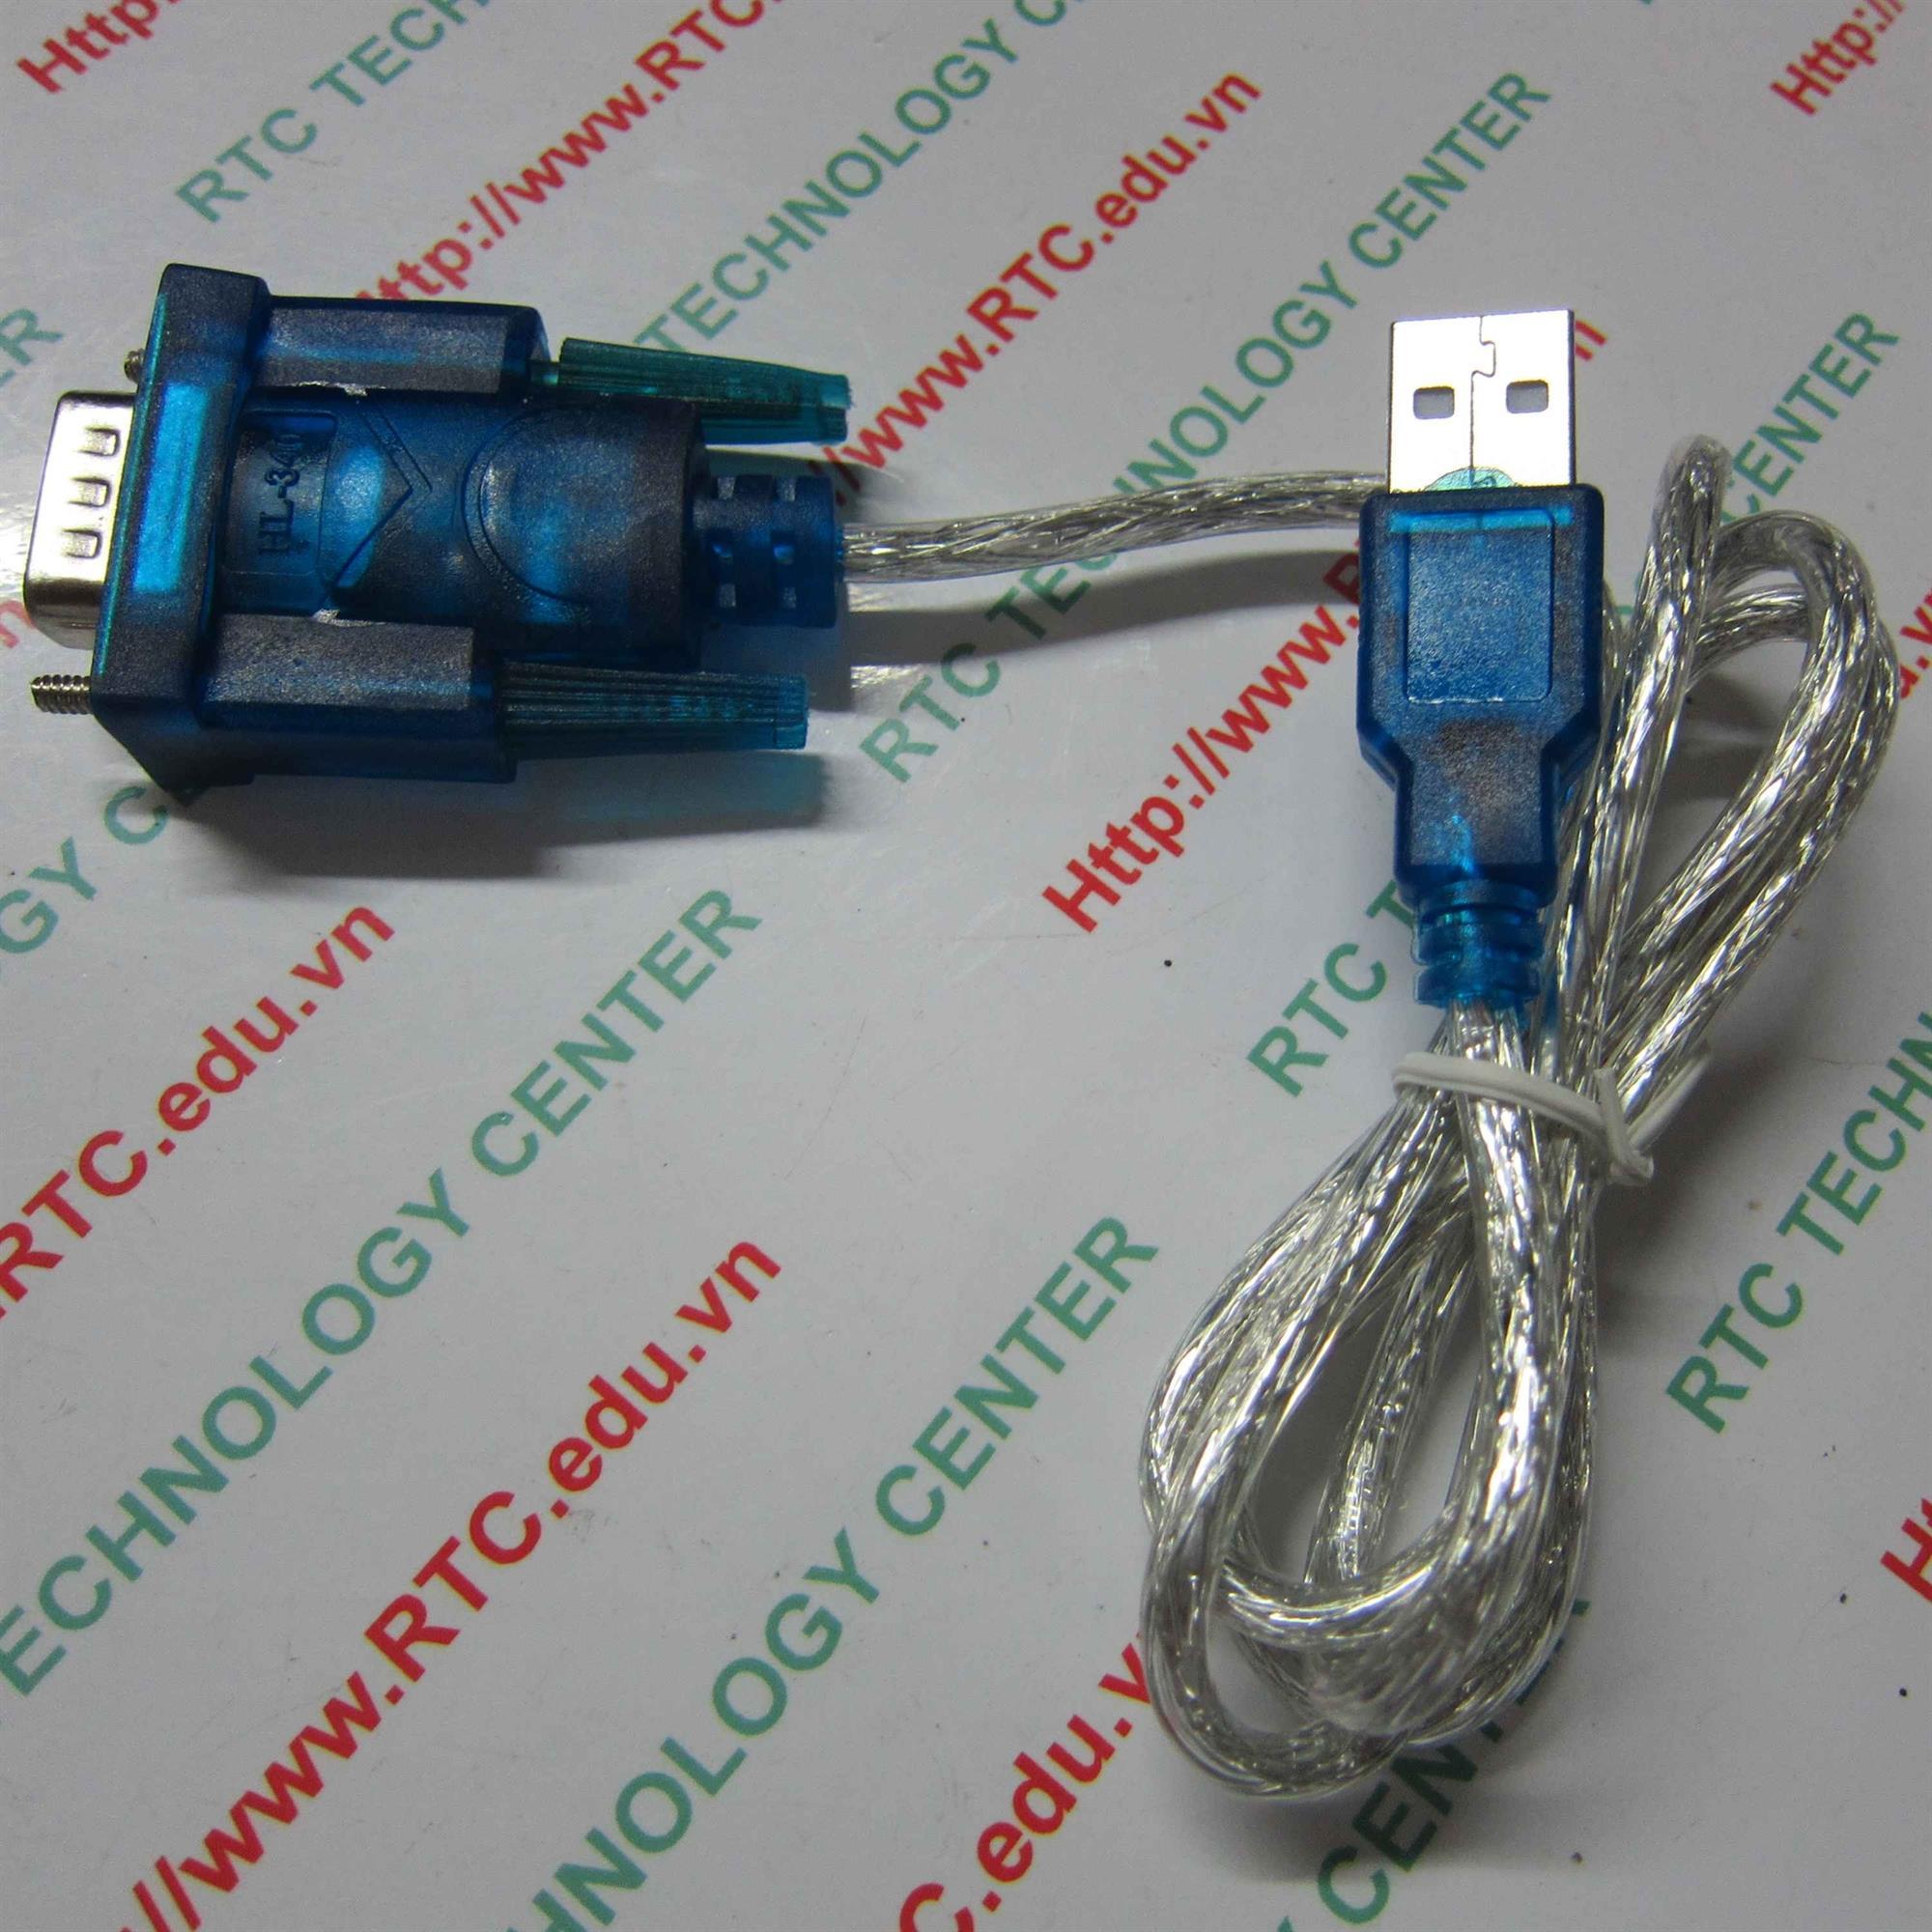 DÂY USB TO COM HL340 / Dây nạp PLC board DÂY USB TO COM CH340 - KHO